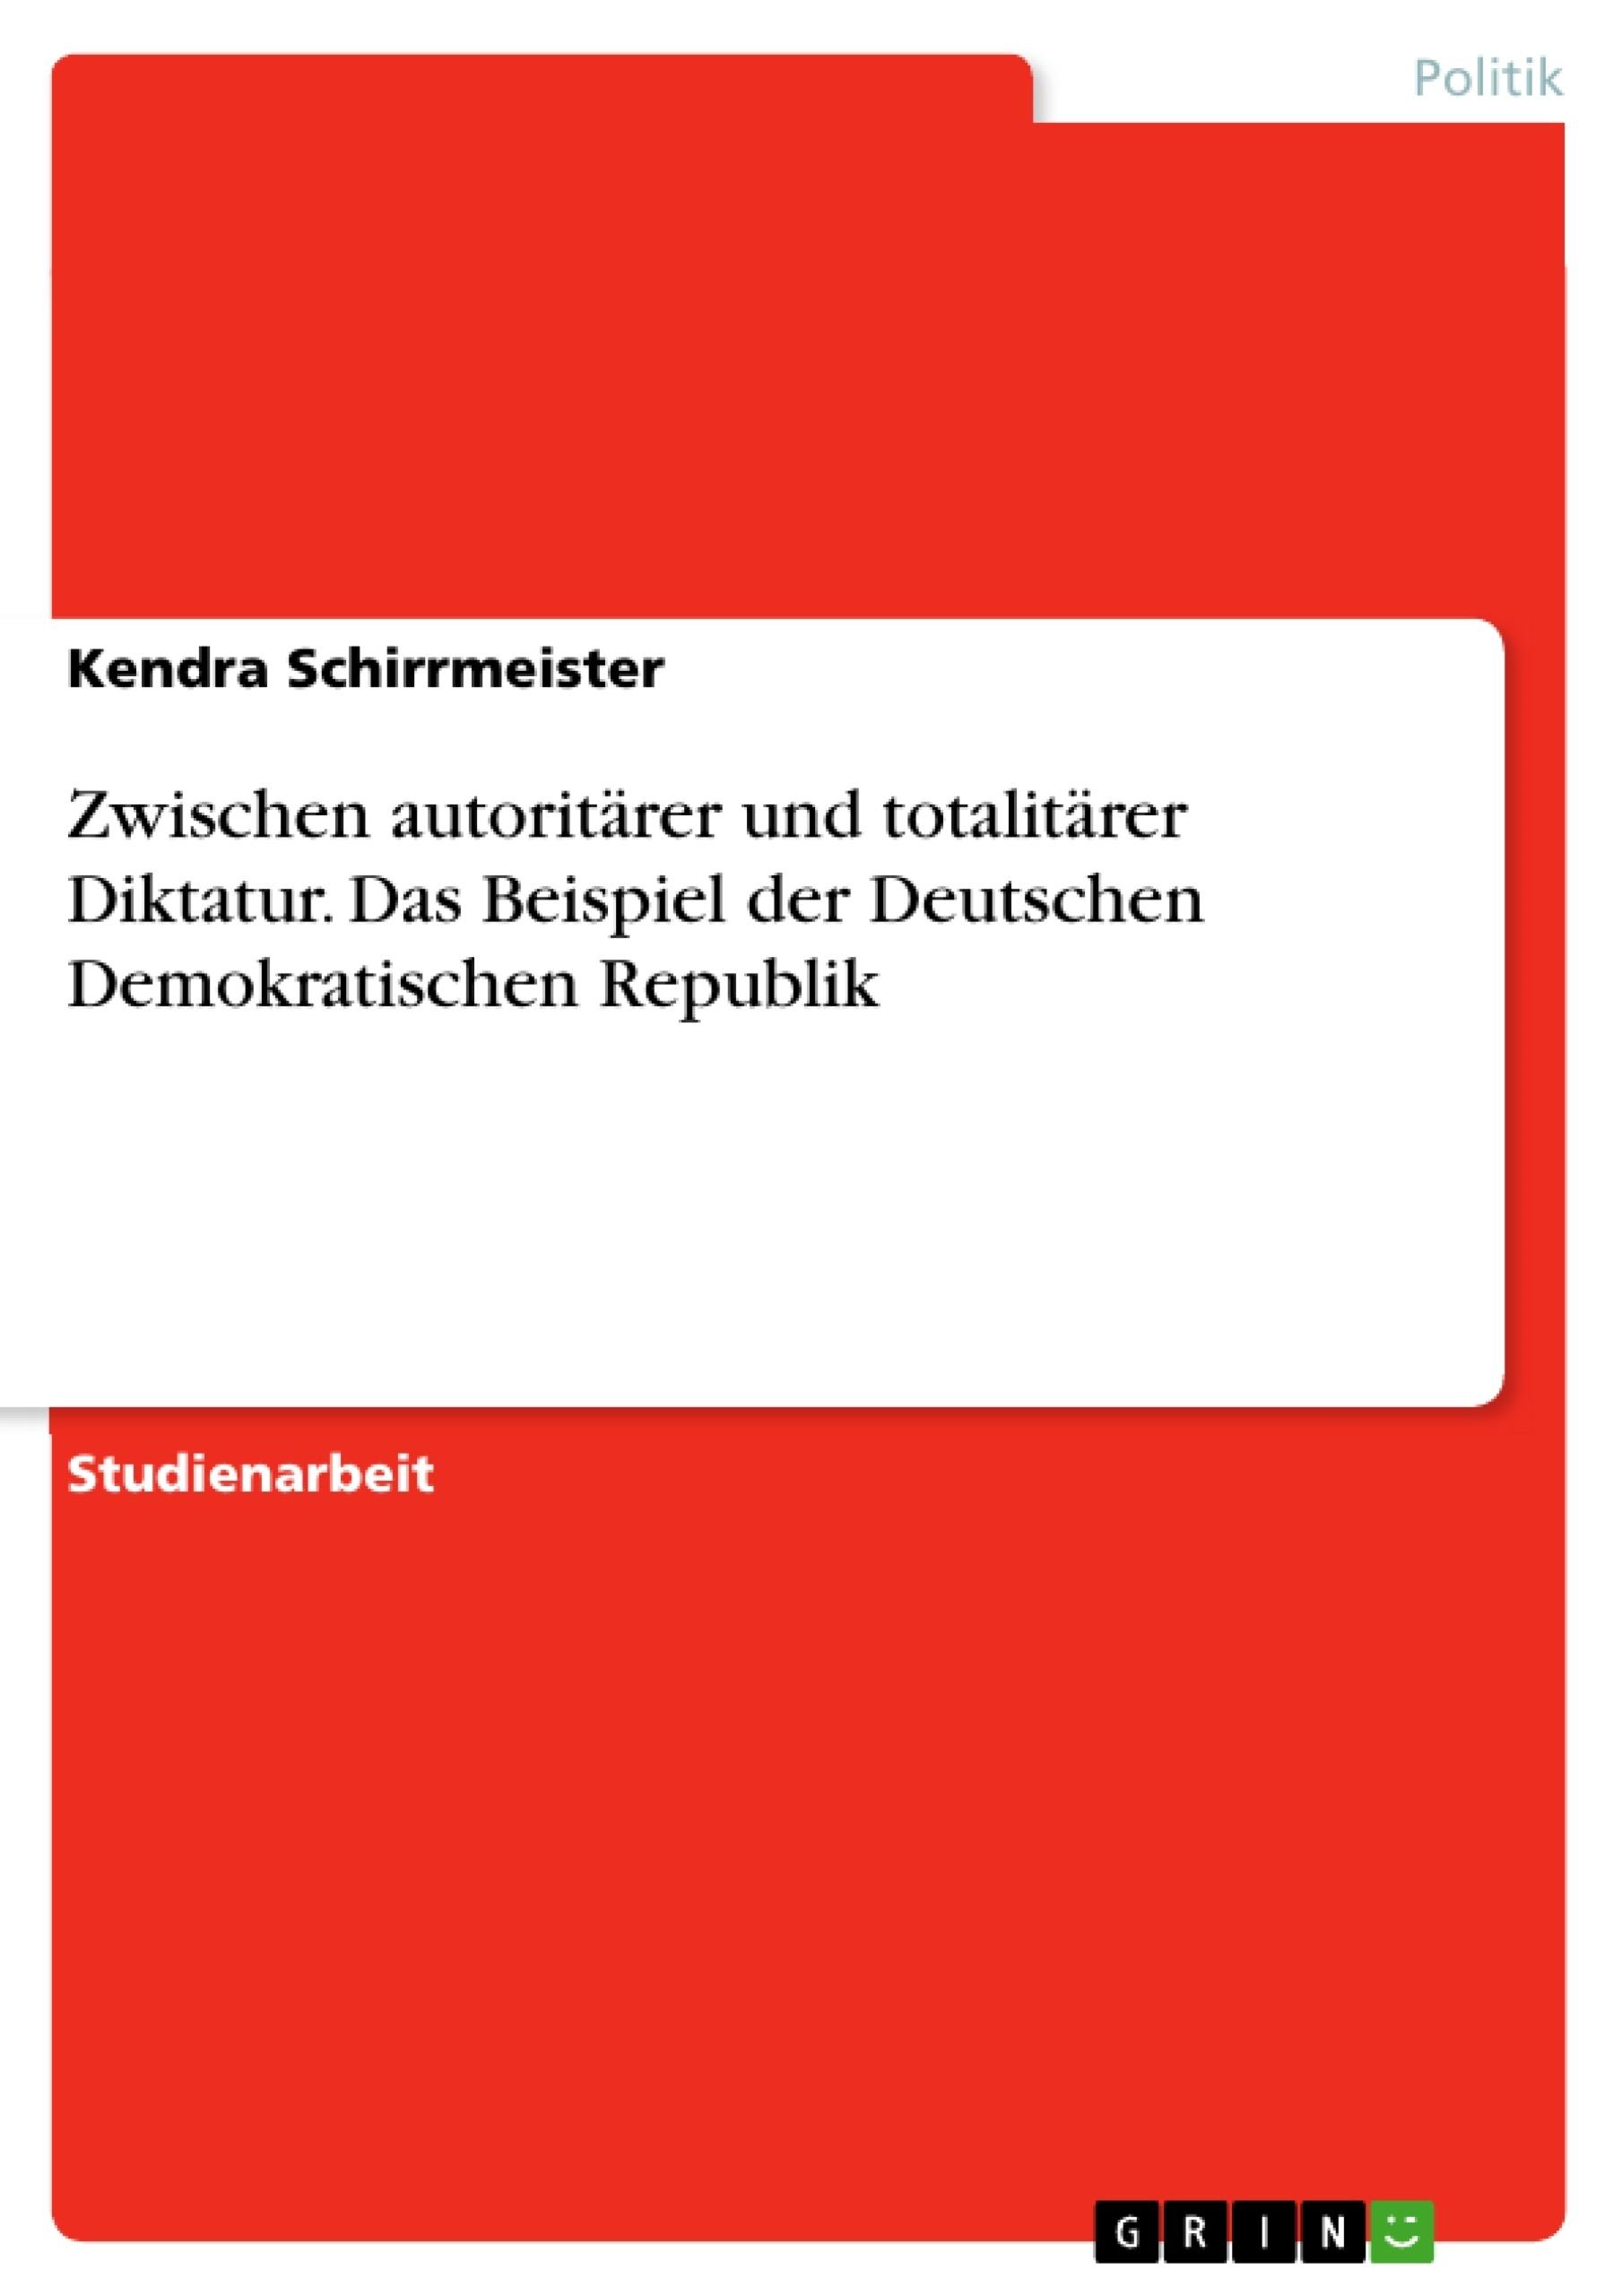 Titel: Zwischen autoritärer und totalitärer Diktatur. Das Beispiel der Deutschen Demokratischen Republik